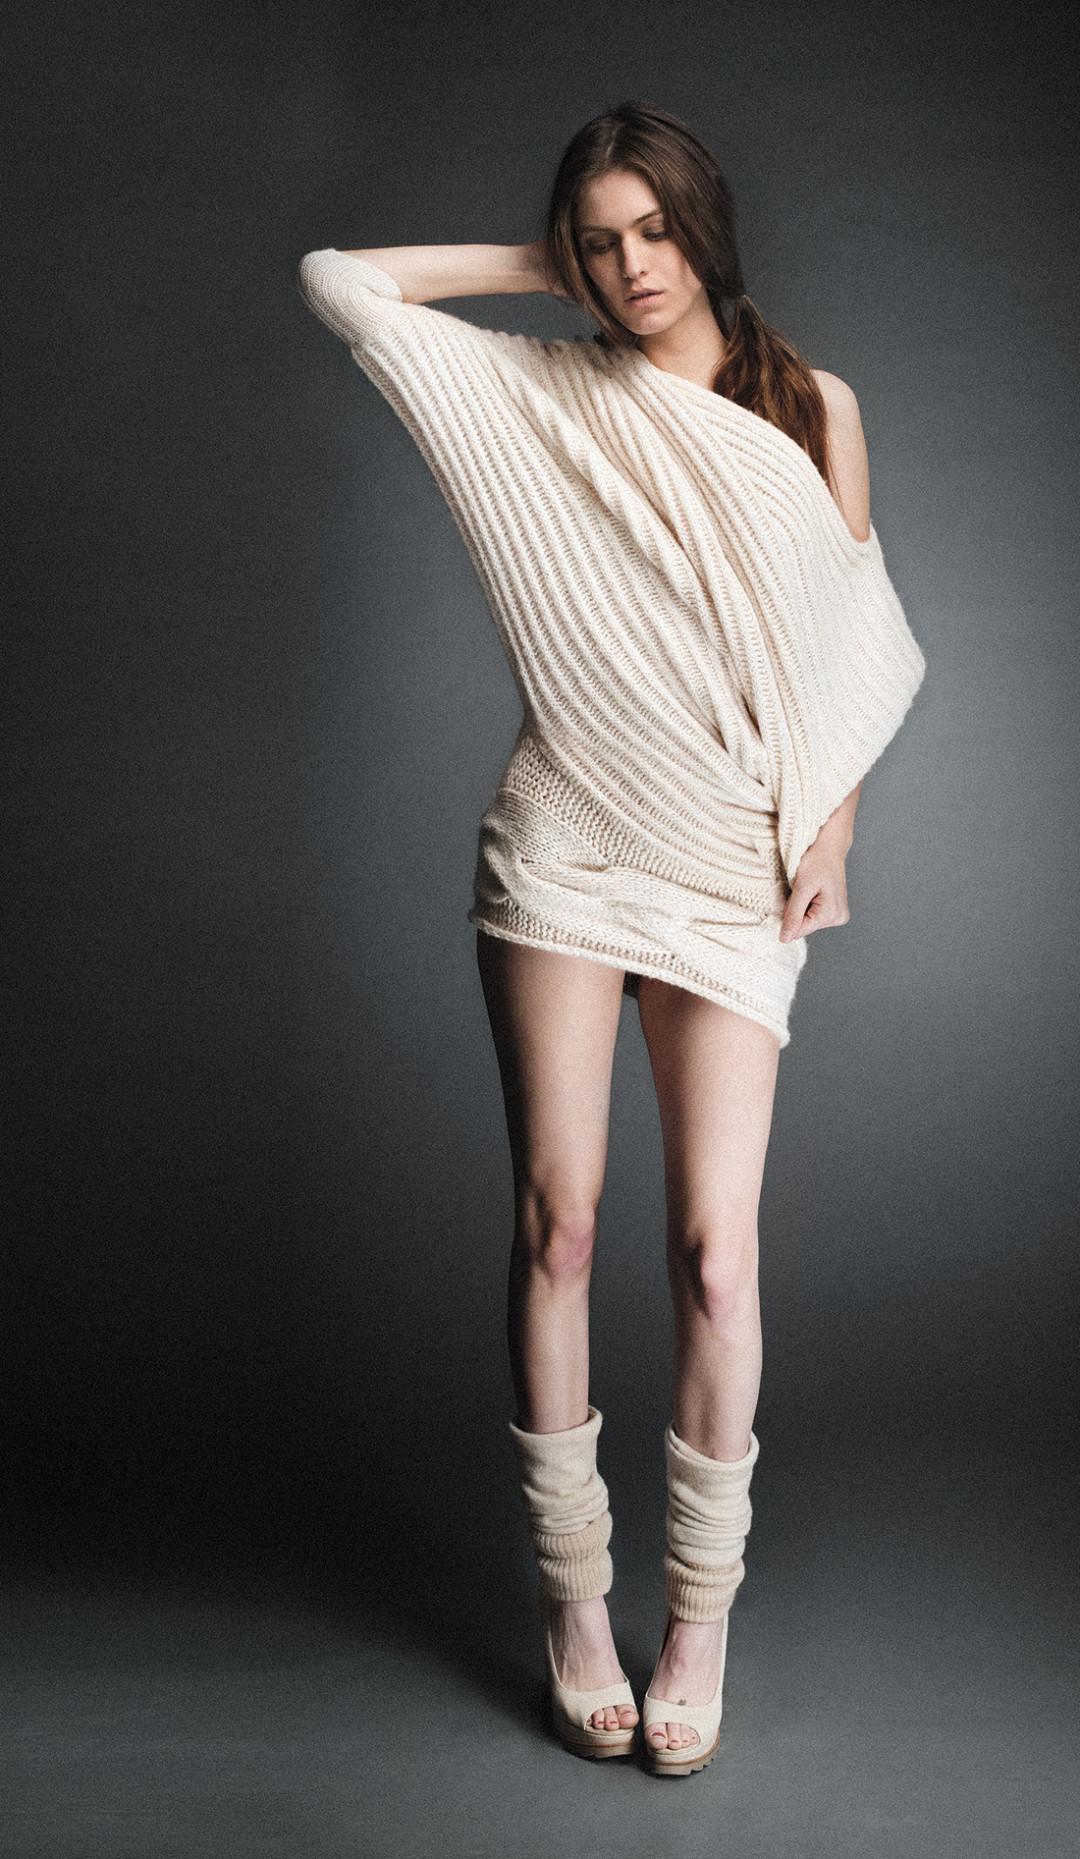 0213 beige knit dress sjylrh